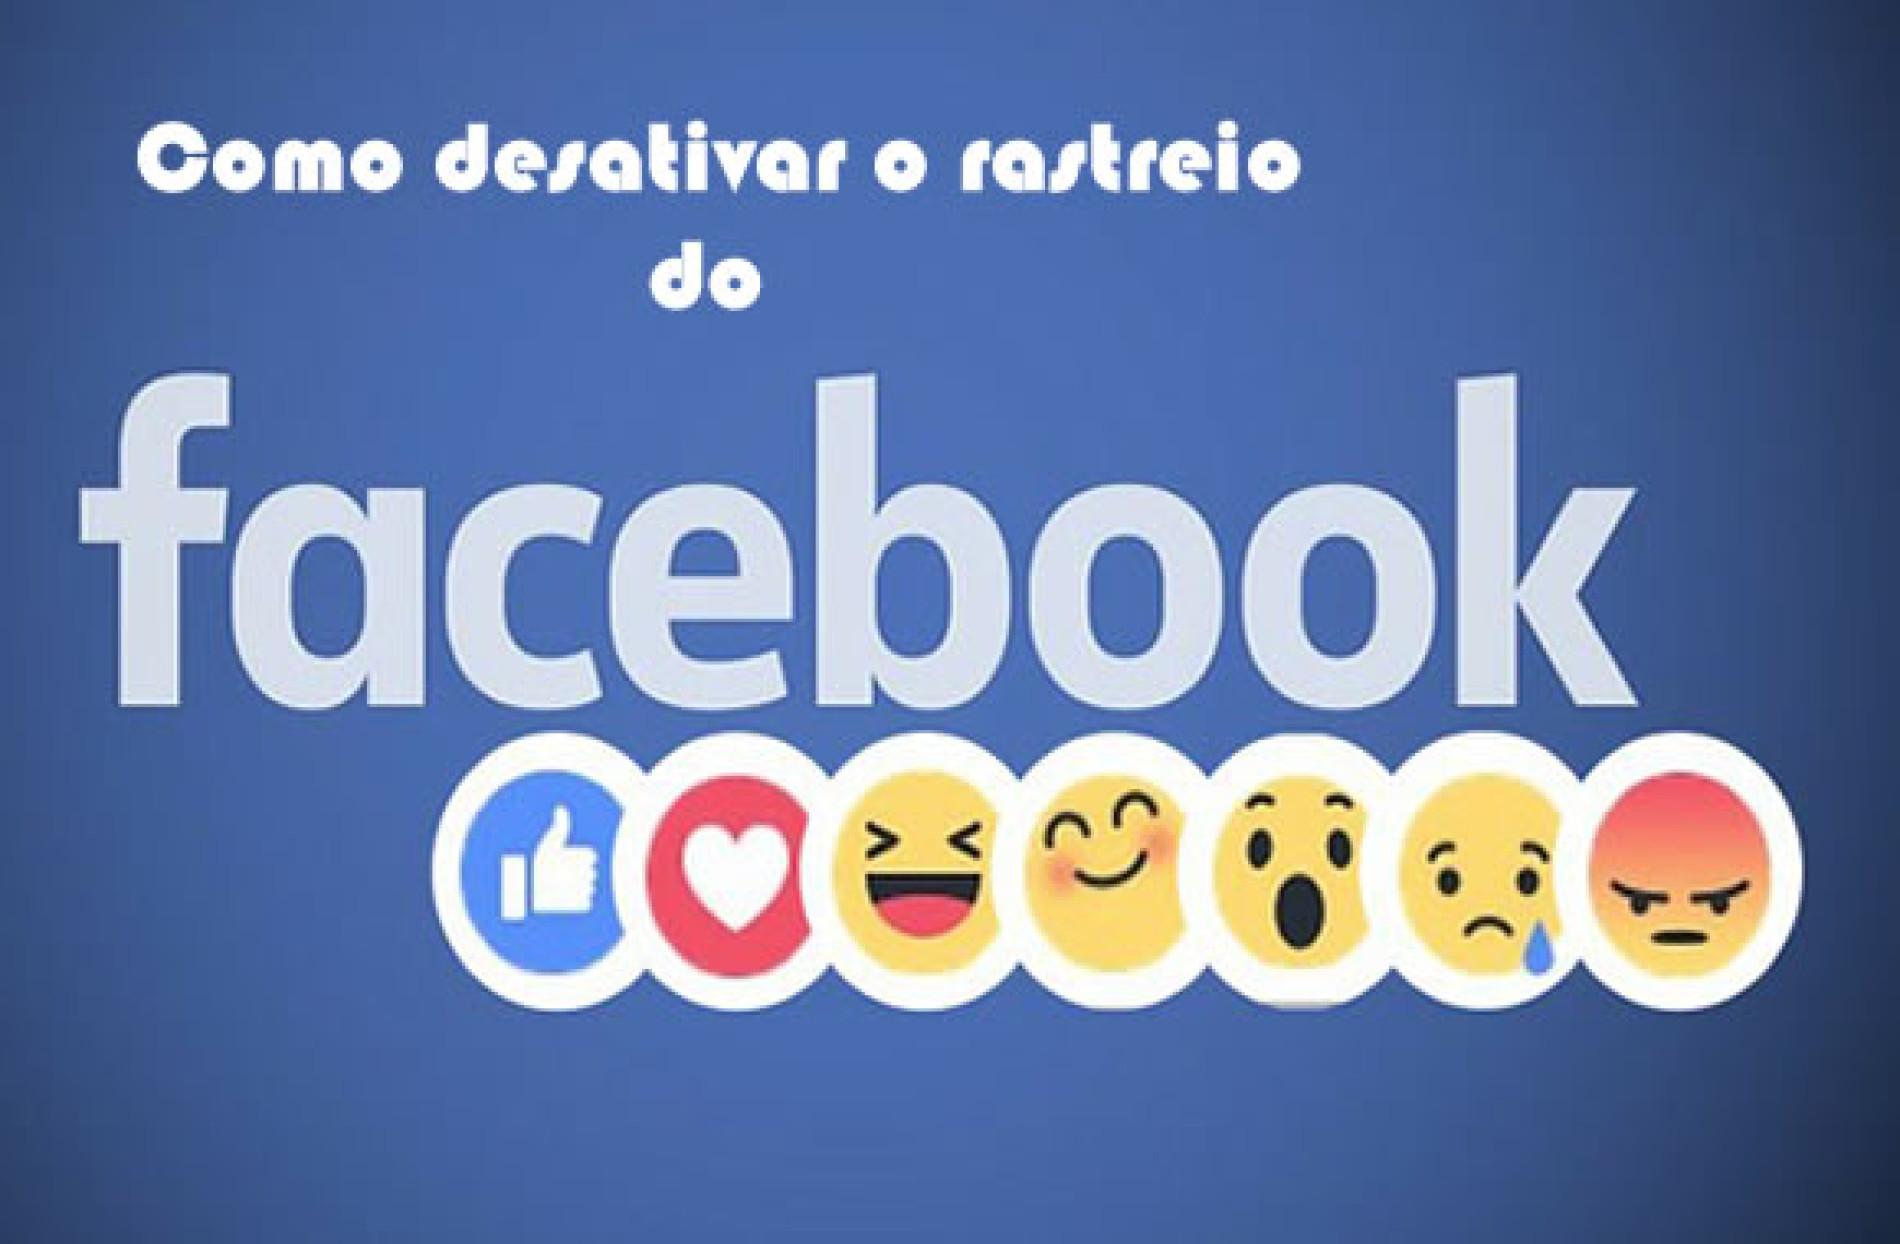 O Facebook está te rastreando, aprenda como desativar